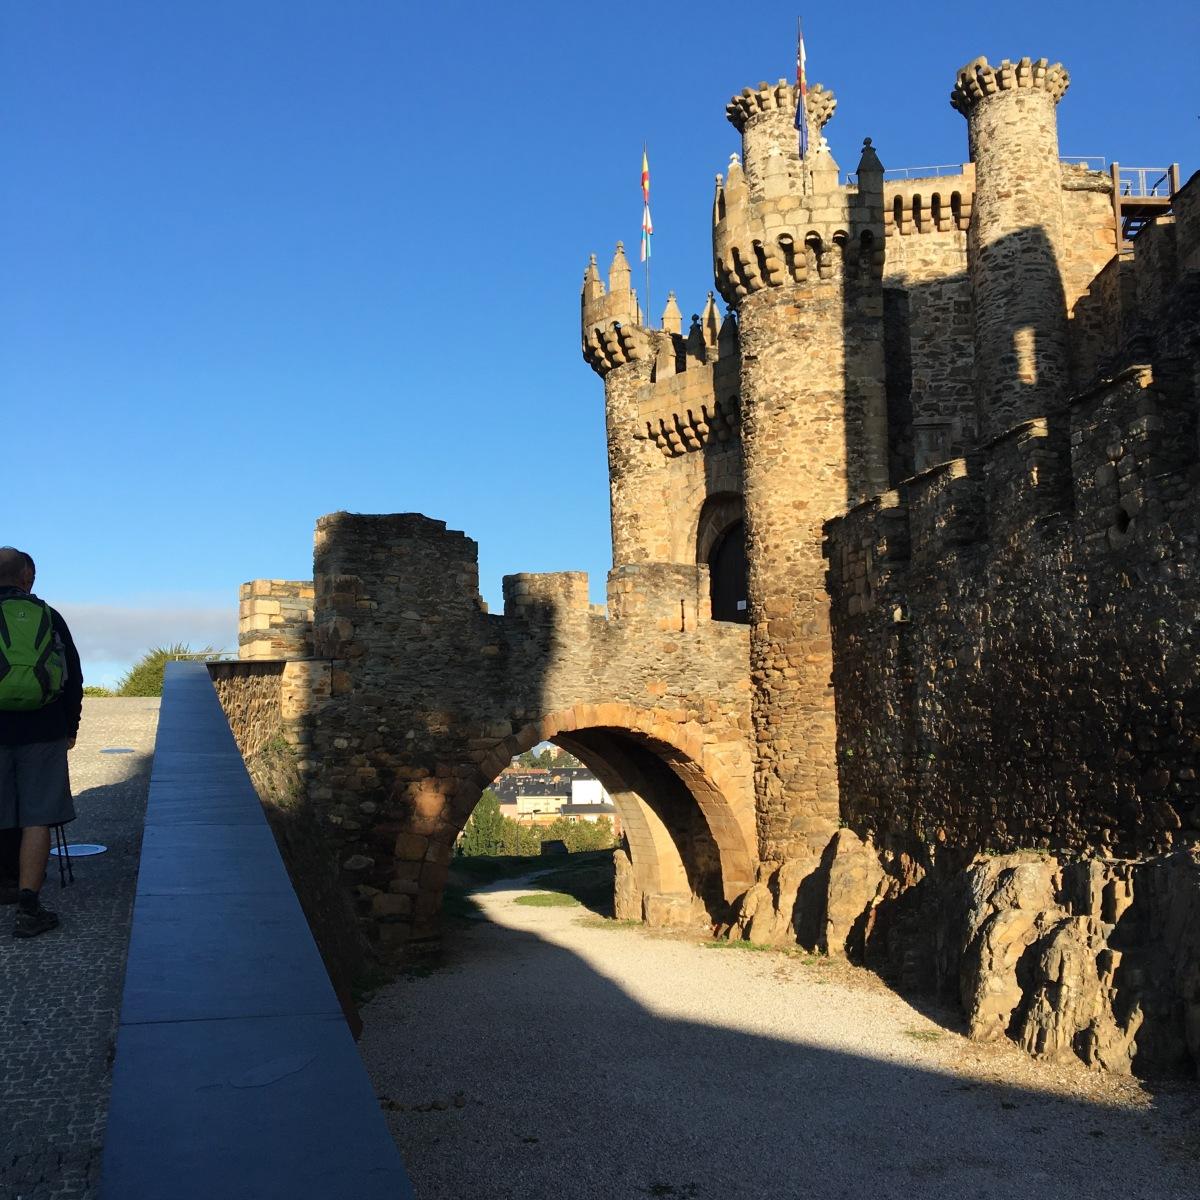 Camino de Santiago – Day 5 from Molinaseca to Vilafranca delCamino